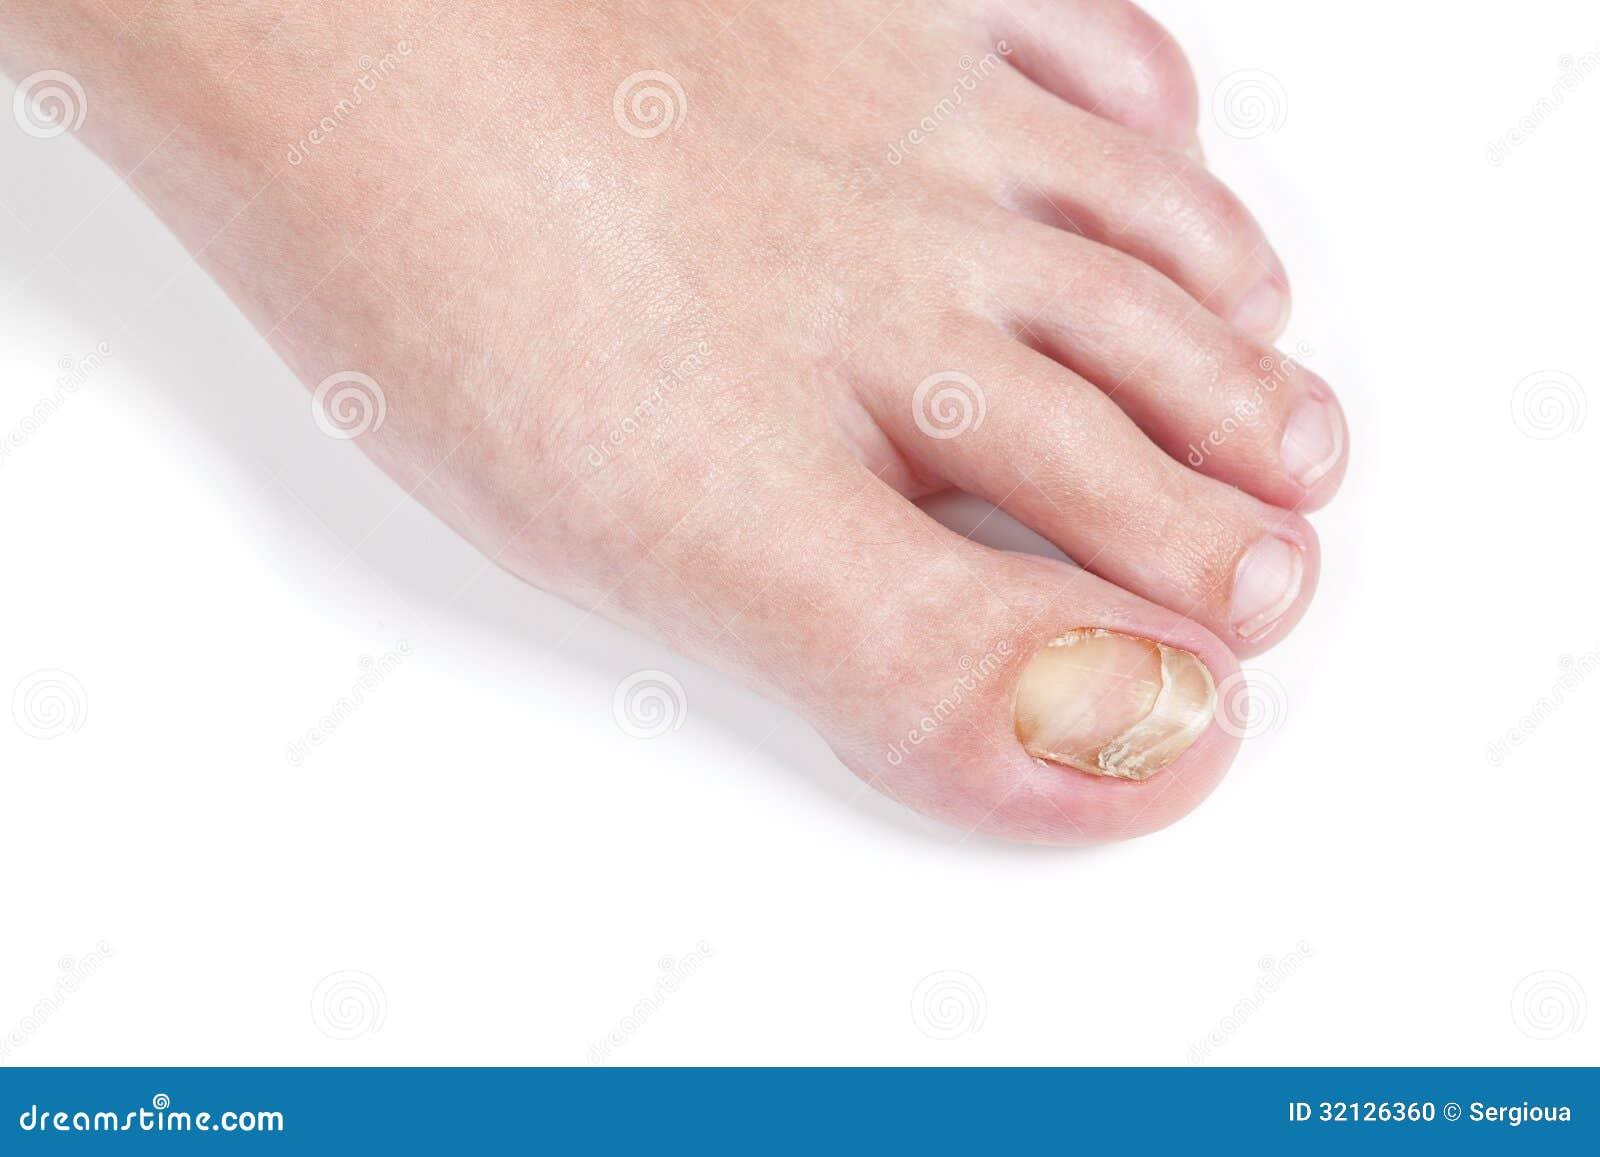 Los medios para el tratamiento del hongo bajo las uñas